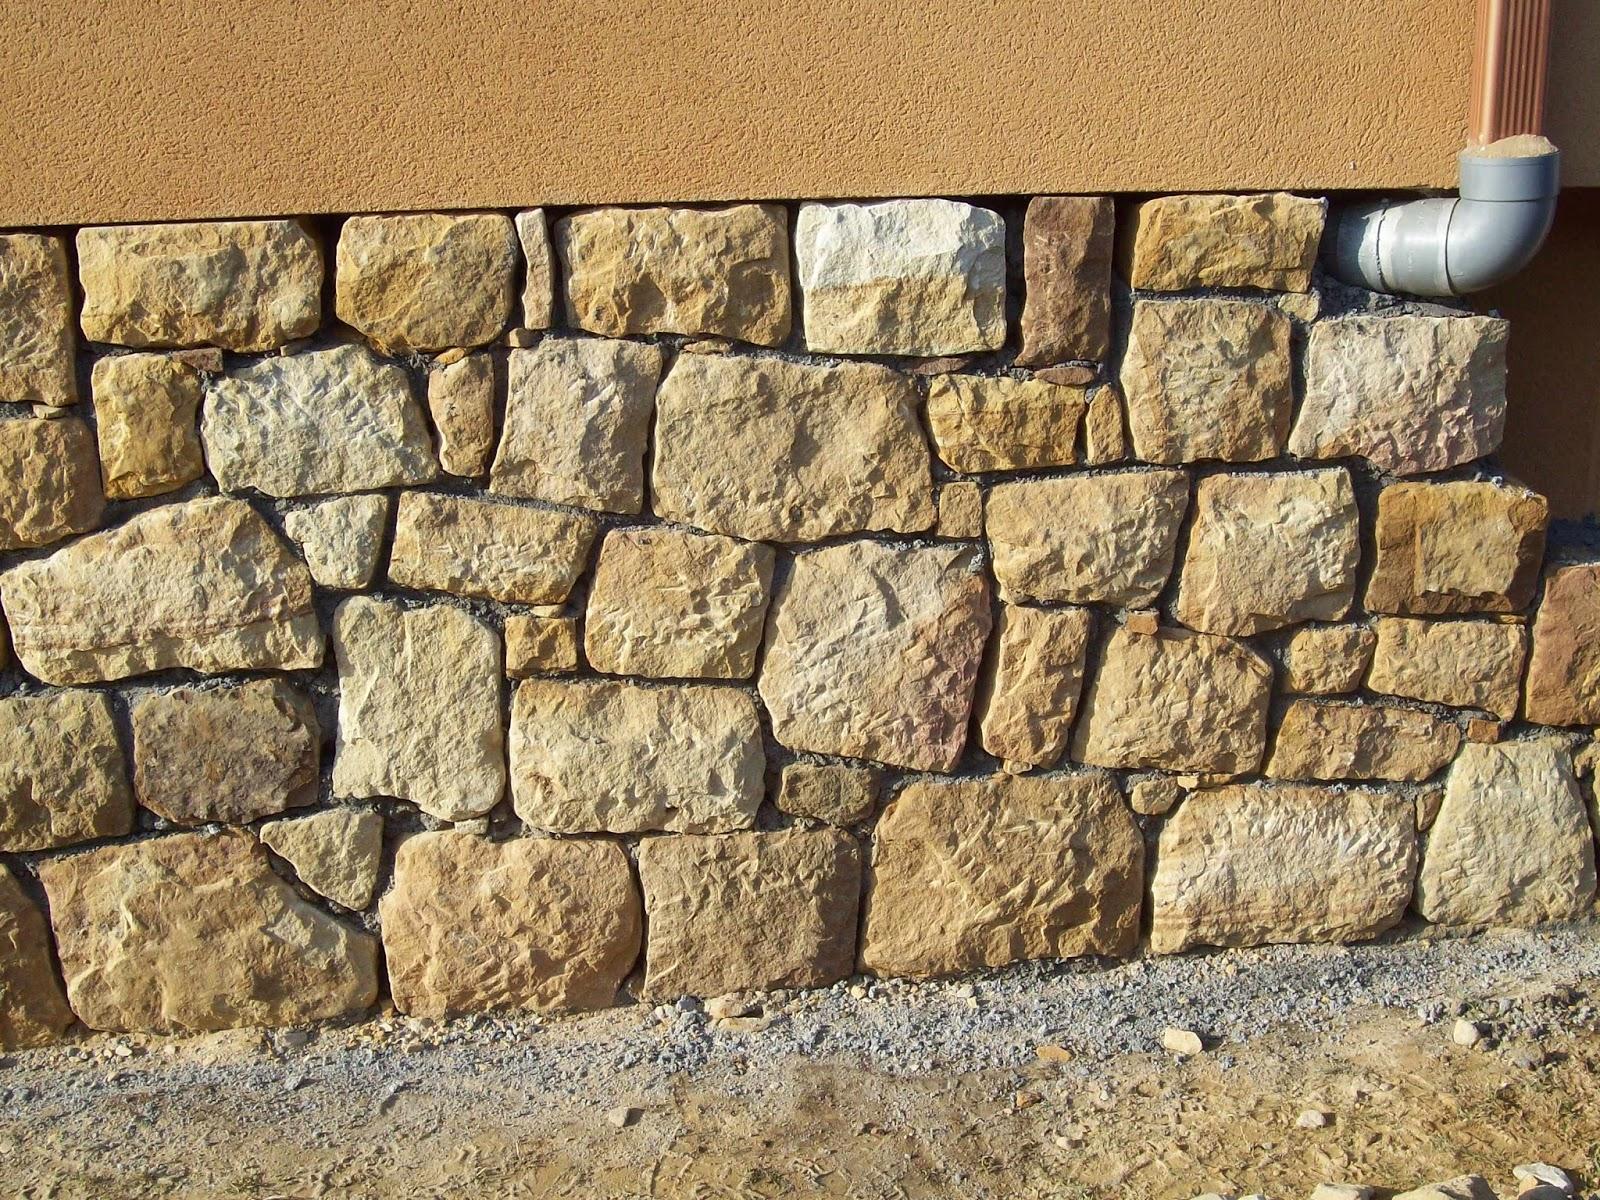 Canteria artesanal la piedra como material de construccion - Piedras para construccion ...